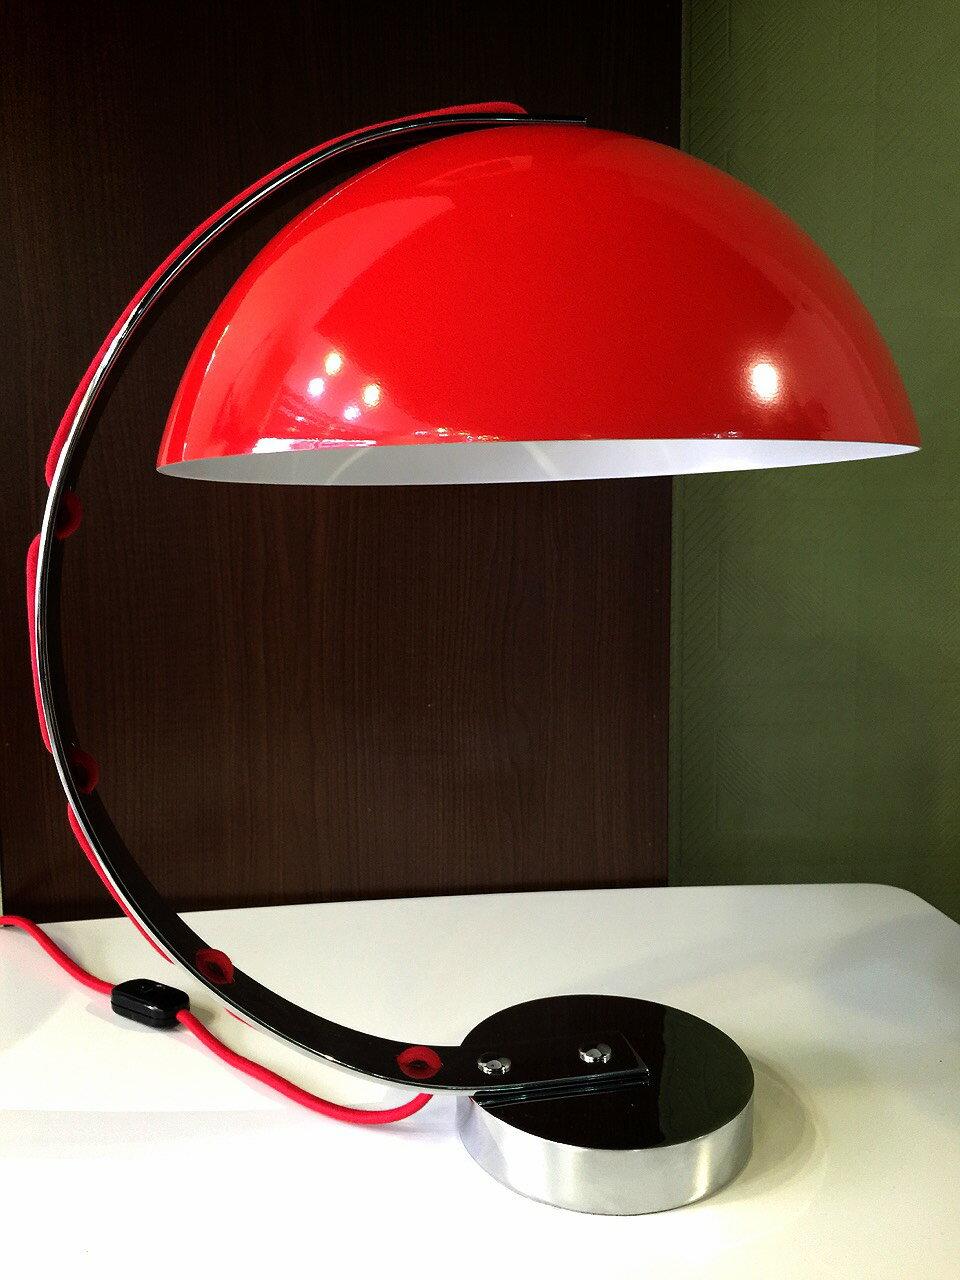 【英國-Original BTC】London Table Light-鋁製烤漆燈罩+鍍鉻鋼材,帶有歐式古典又不失現代設計風格,純手工打造,本公司專營進口家飾家具,歡迎預購 0